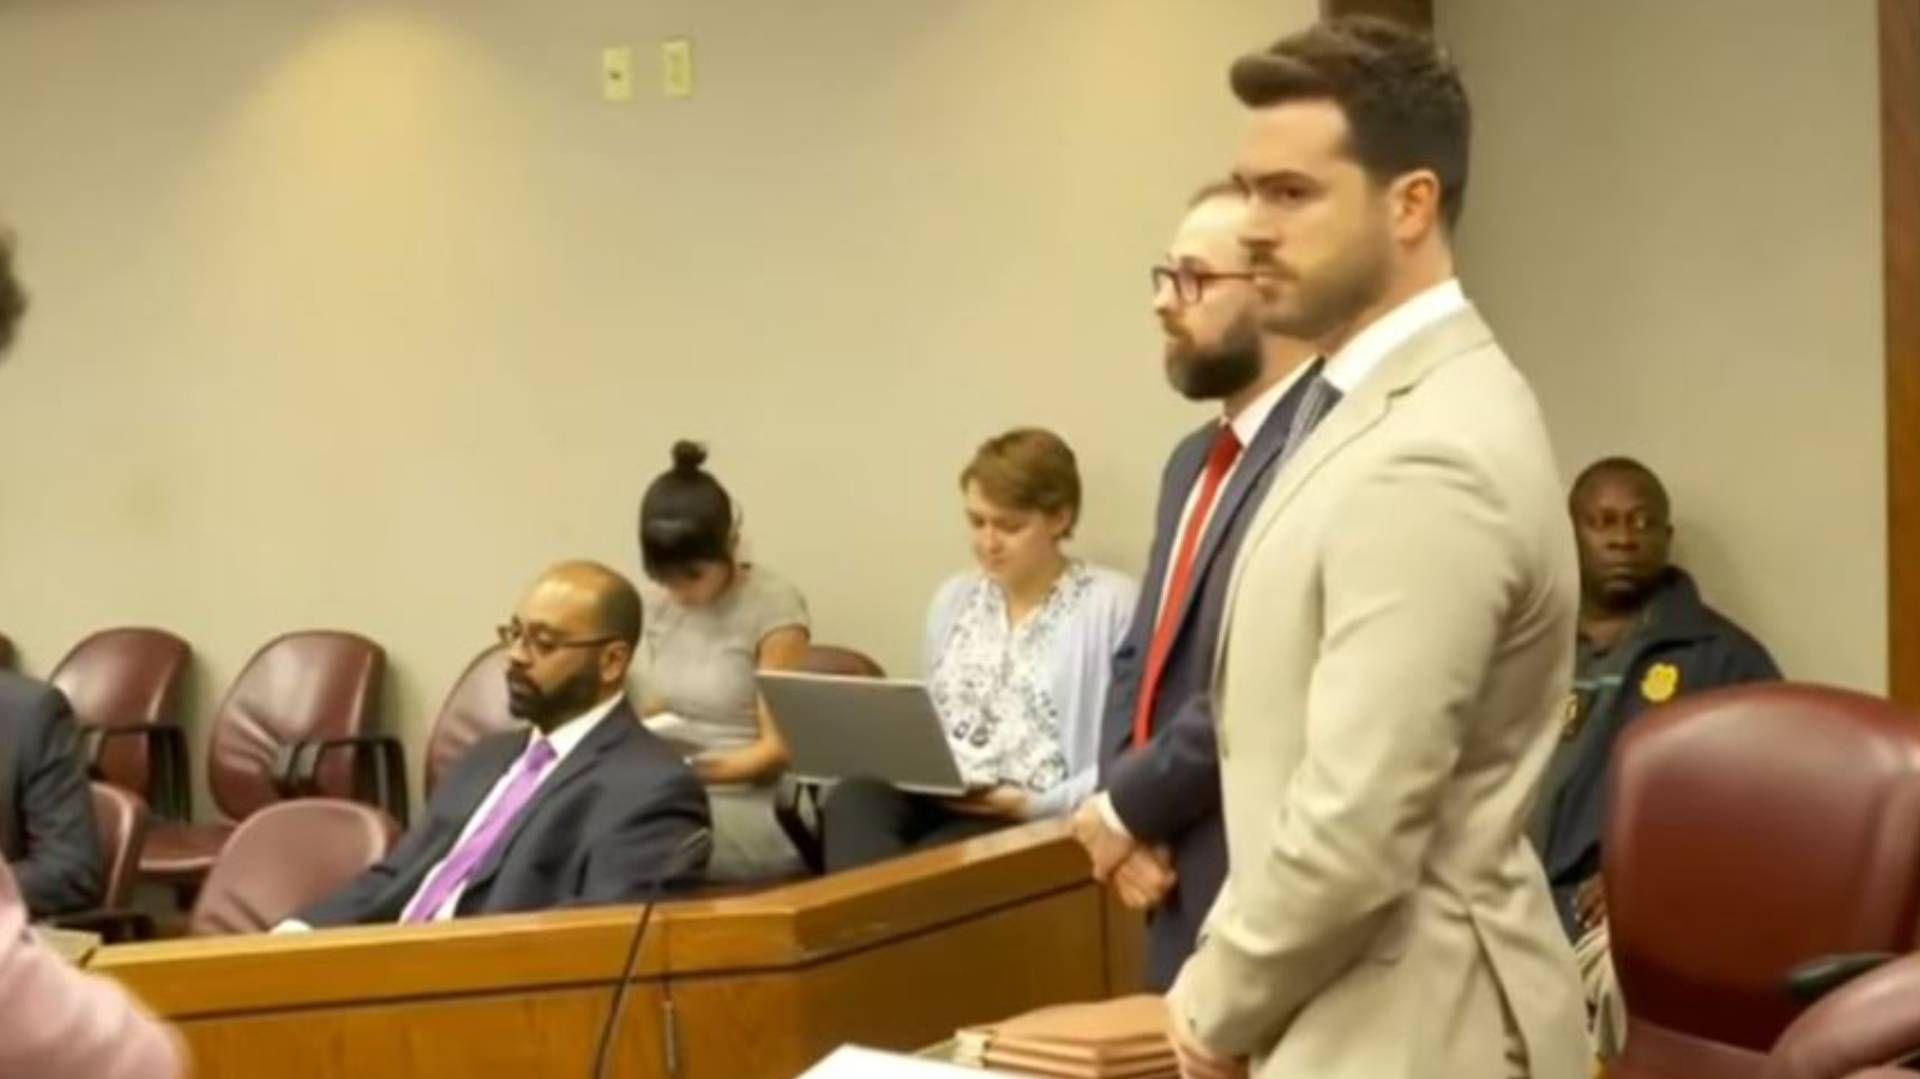 Pablo Lyle ha permanecido en Miami para atender el caso, sin posibilidad de trabajar (Foto: Captura pantalla Telemundo)